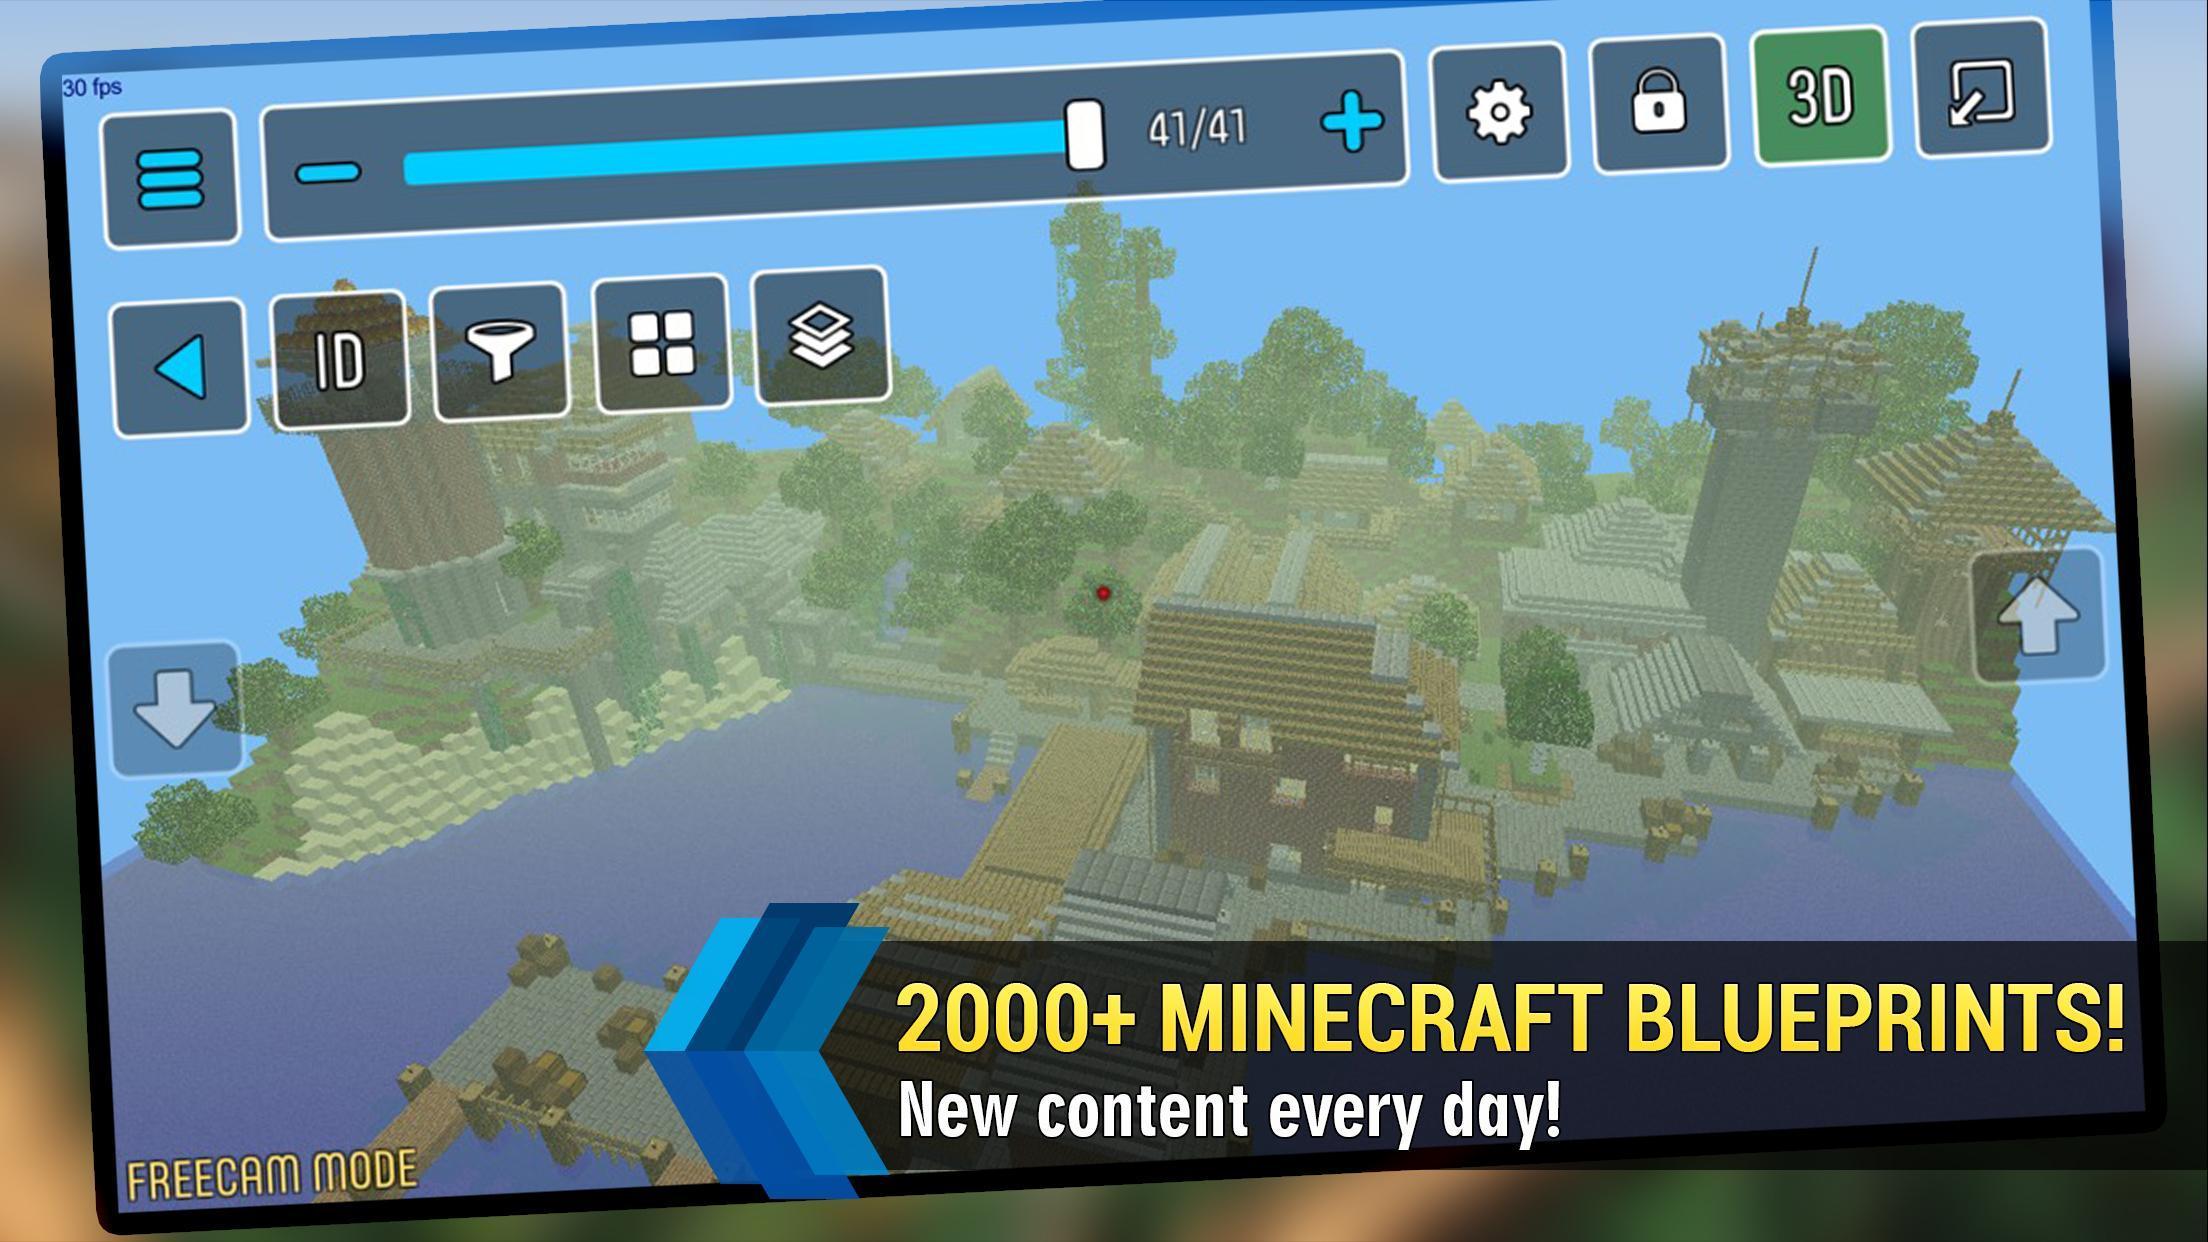 MCProApp for Android - APK Download on minecraft redstone schematics, minecraft schematics and blueprints, minecraft maze, minecraft enterprise blueprints, minecraft schematics blueprints mob spawner,